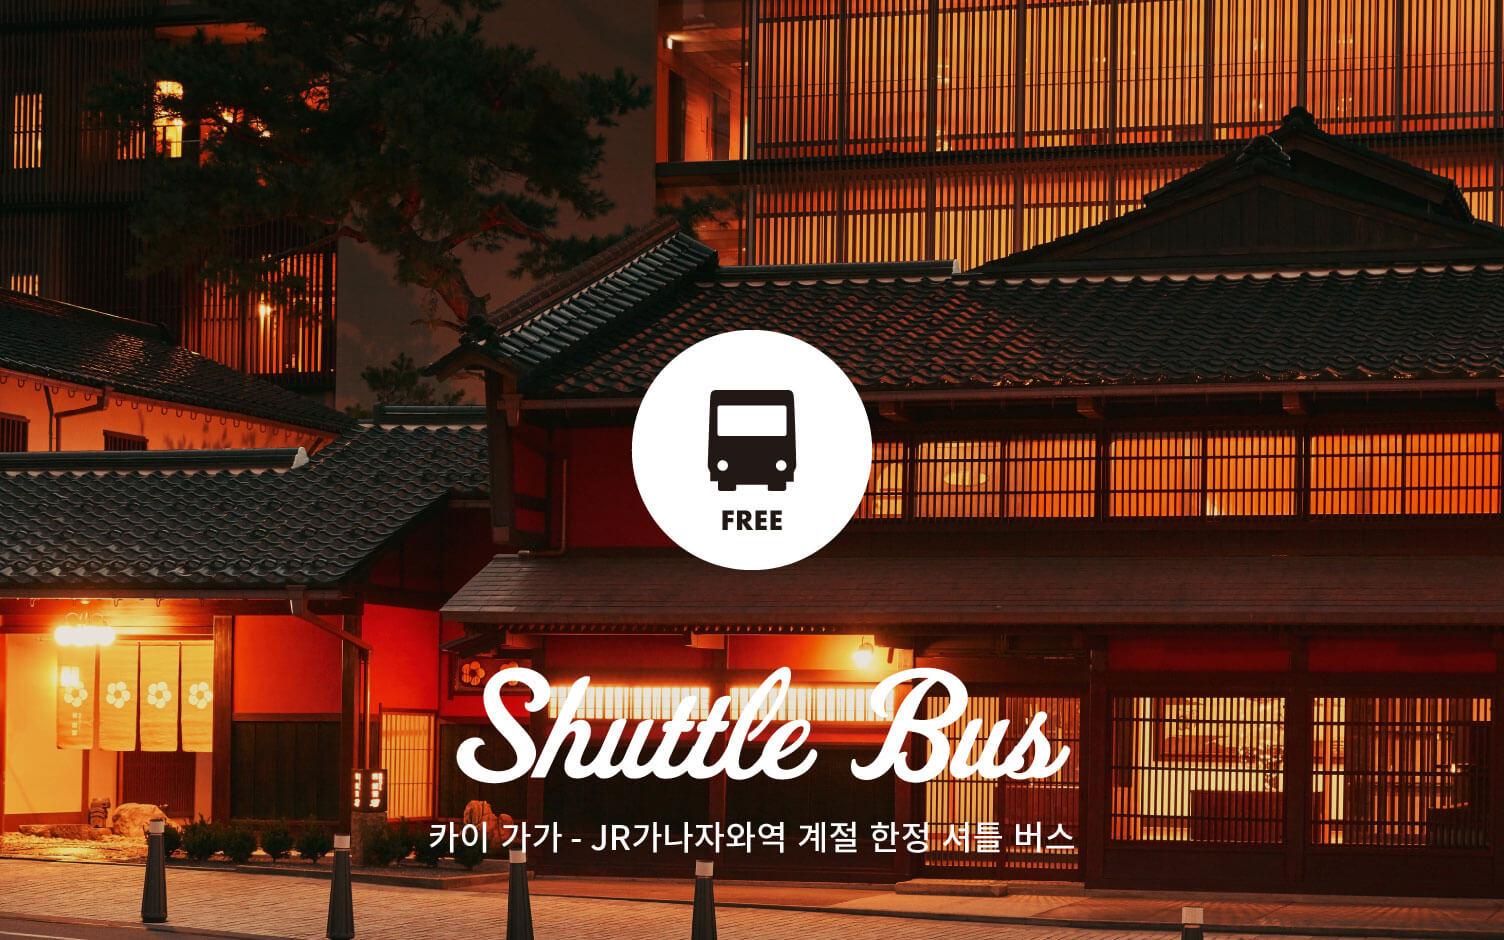 카이 가가, JR가나자와역 봄/여름 한정 셔틀 버스